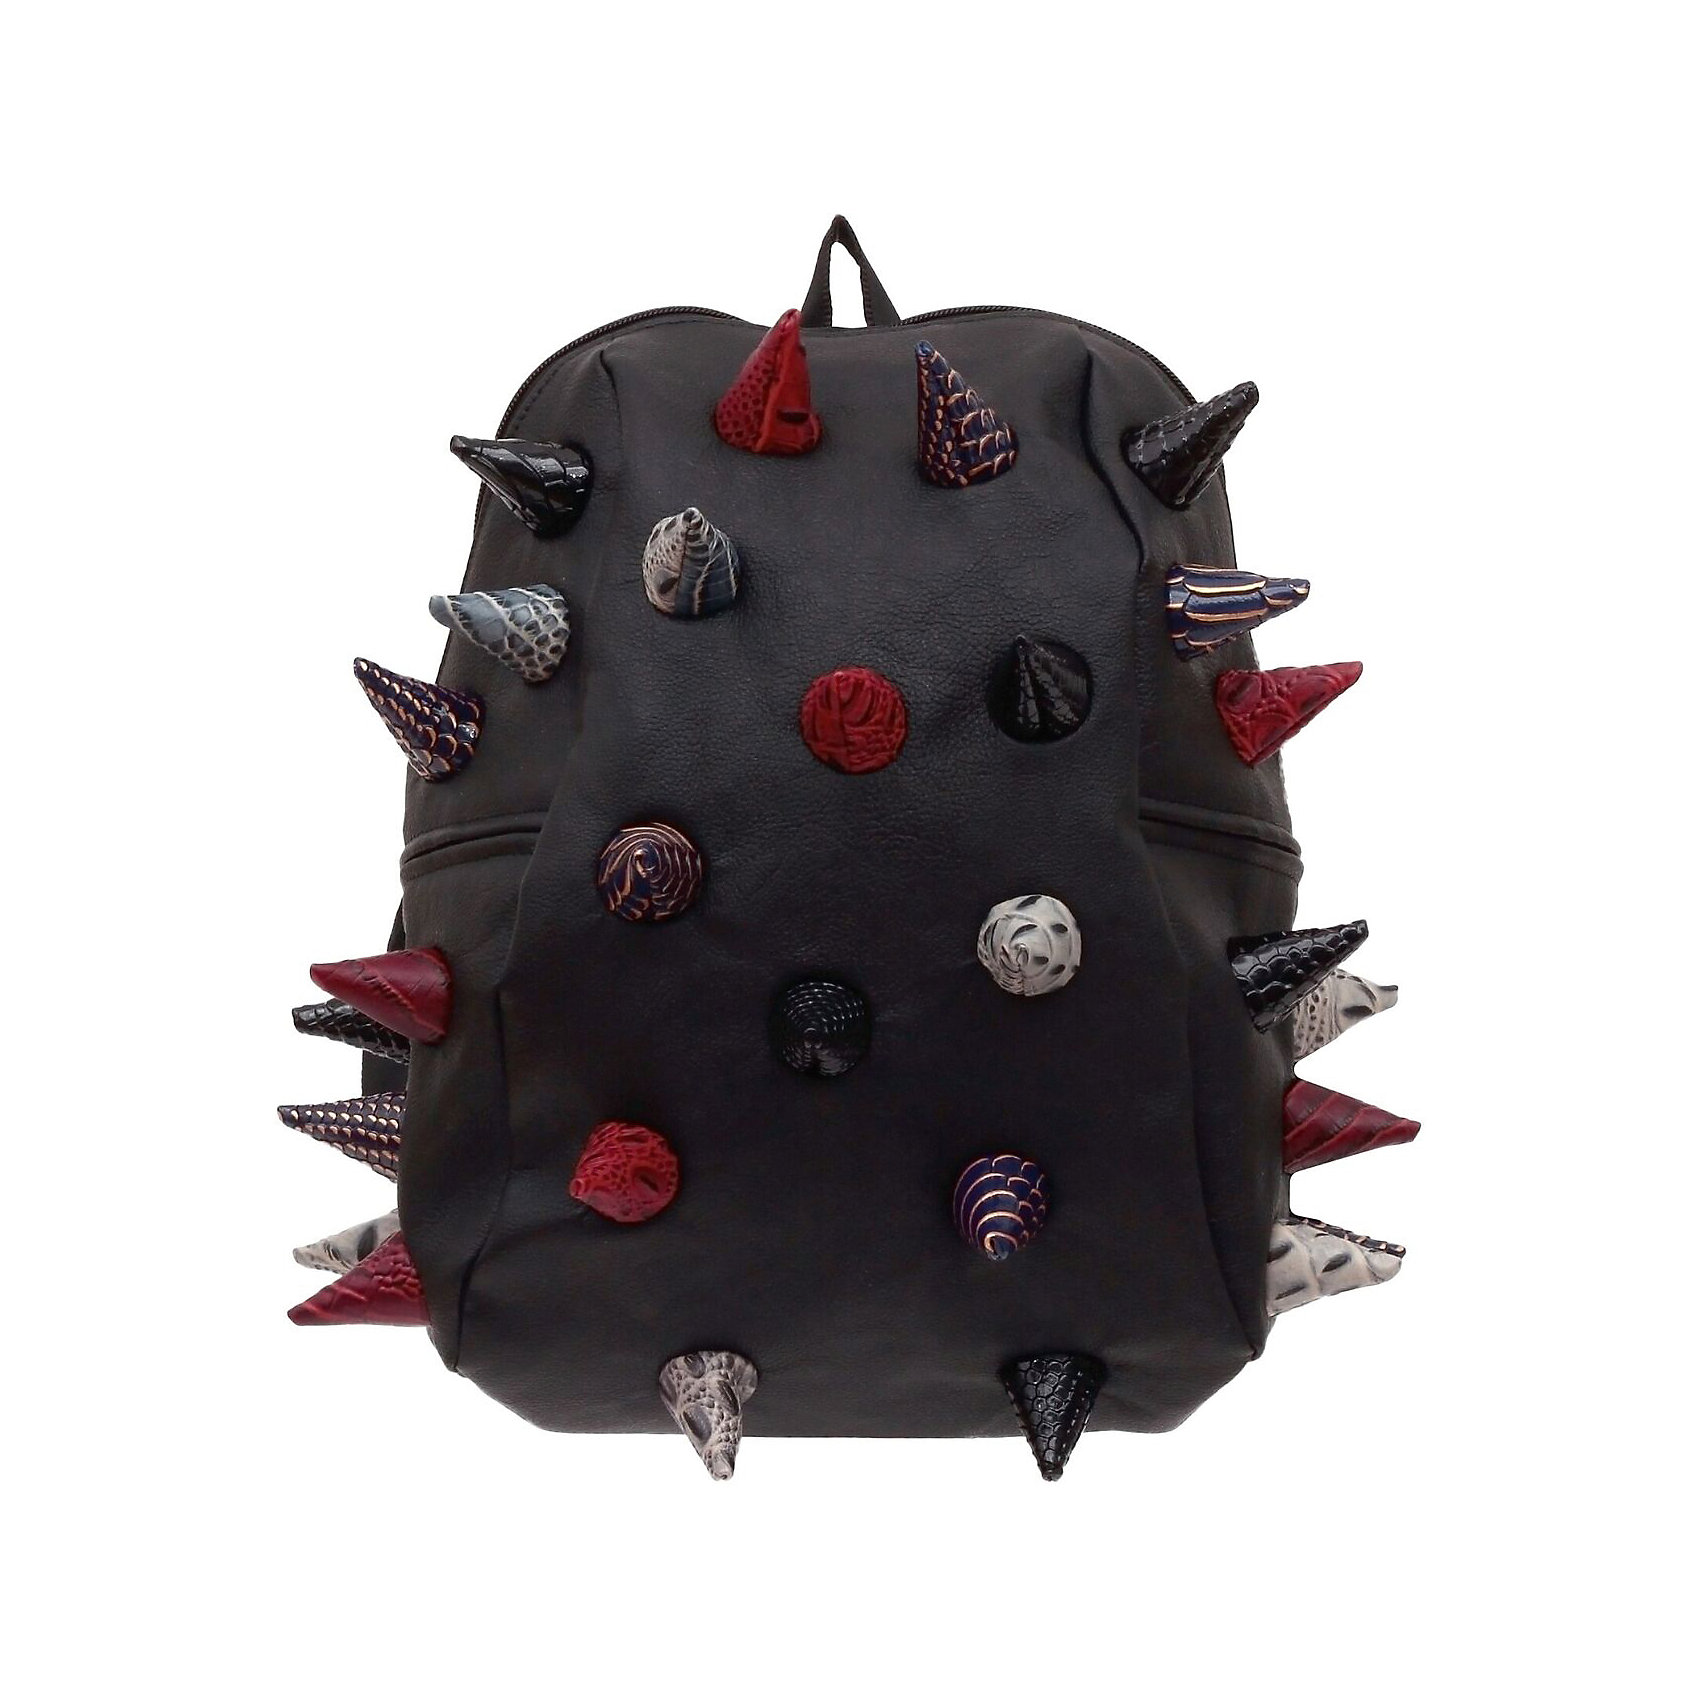 Рюкзак Gator Half, Black Multi, цвет черный мультиРюкзаки<br>Характеристики товара:<br><br>• цвет: черный мульти;<br>• возраст: от 3 лет;<br>• вес: 0,6 кг;<br>• размер: 36х31х15 см;<br>• особенности модели: с пузырями;<br>• большое отделение на молнии;<br>• дополнительный карман на задней стенке рюкзака;<br>• мягкие регулируемые лямки;<br>• ортопедическая спинка с вентиляцией;<br>• два дополнительных боковых кармана на молнии;<br>• материал: поливинил;<br>• страна бренда: США;<br>• страна изготовитель: Китай.<br><br>Удобный рюкзак для детей Madpax «Gator Full» непременно понравится детям. Малый вес рюкзака позволяет ребенку носить с собой все необходимое для учебы, при этом не перегружая позвоночник. Стильный шипованный дизайн с имитацией кожи рептилий выделяют рюкзак Мэдпакс Гатор Фулл среди аналогичных моделей. <br><br>Удобное расположение дополнительных кармашков позволяет ребенку с легкостью доставать необходимые ему вещи. Специальная спинка рюкзака Гатор Фулл обеспечивает постоянную вентиляцию спины. Мягкие ремни регулируются в зависимости от роста ребенка. Рюкзак «Gator Full» – это стильная и удобная модель, которая предназначена для ежедневного ношения. <br><br>Рюкзак «Gator Full» можно купить в нашем интернет-магазине.<br><br>Ширина мм: 360<br>Глубина мм: 310<br>Высота мм: 150<br>Вес г: 600<br>Возраст от месяцев: 36<br>Возраст до месяцев: 720<br>Пол: Унисекс<br>Возраст: Детский<br>SKU: 7054085